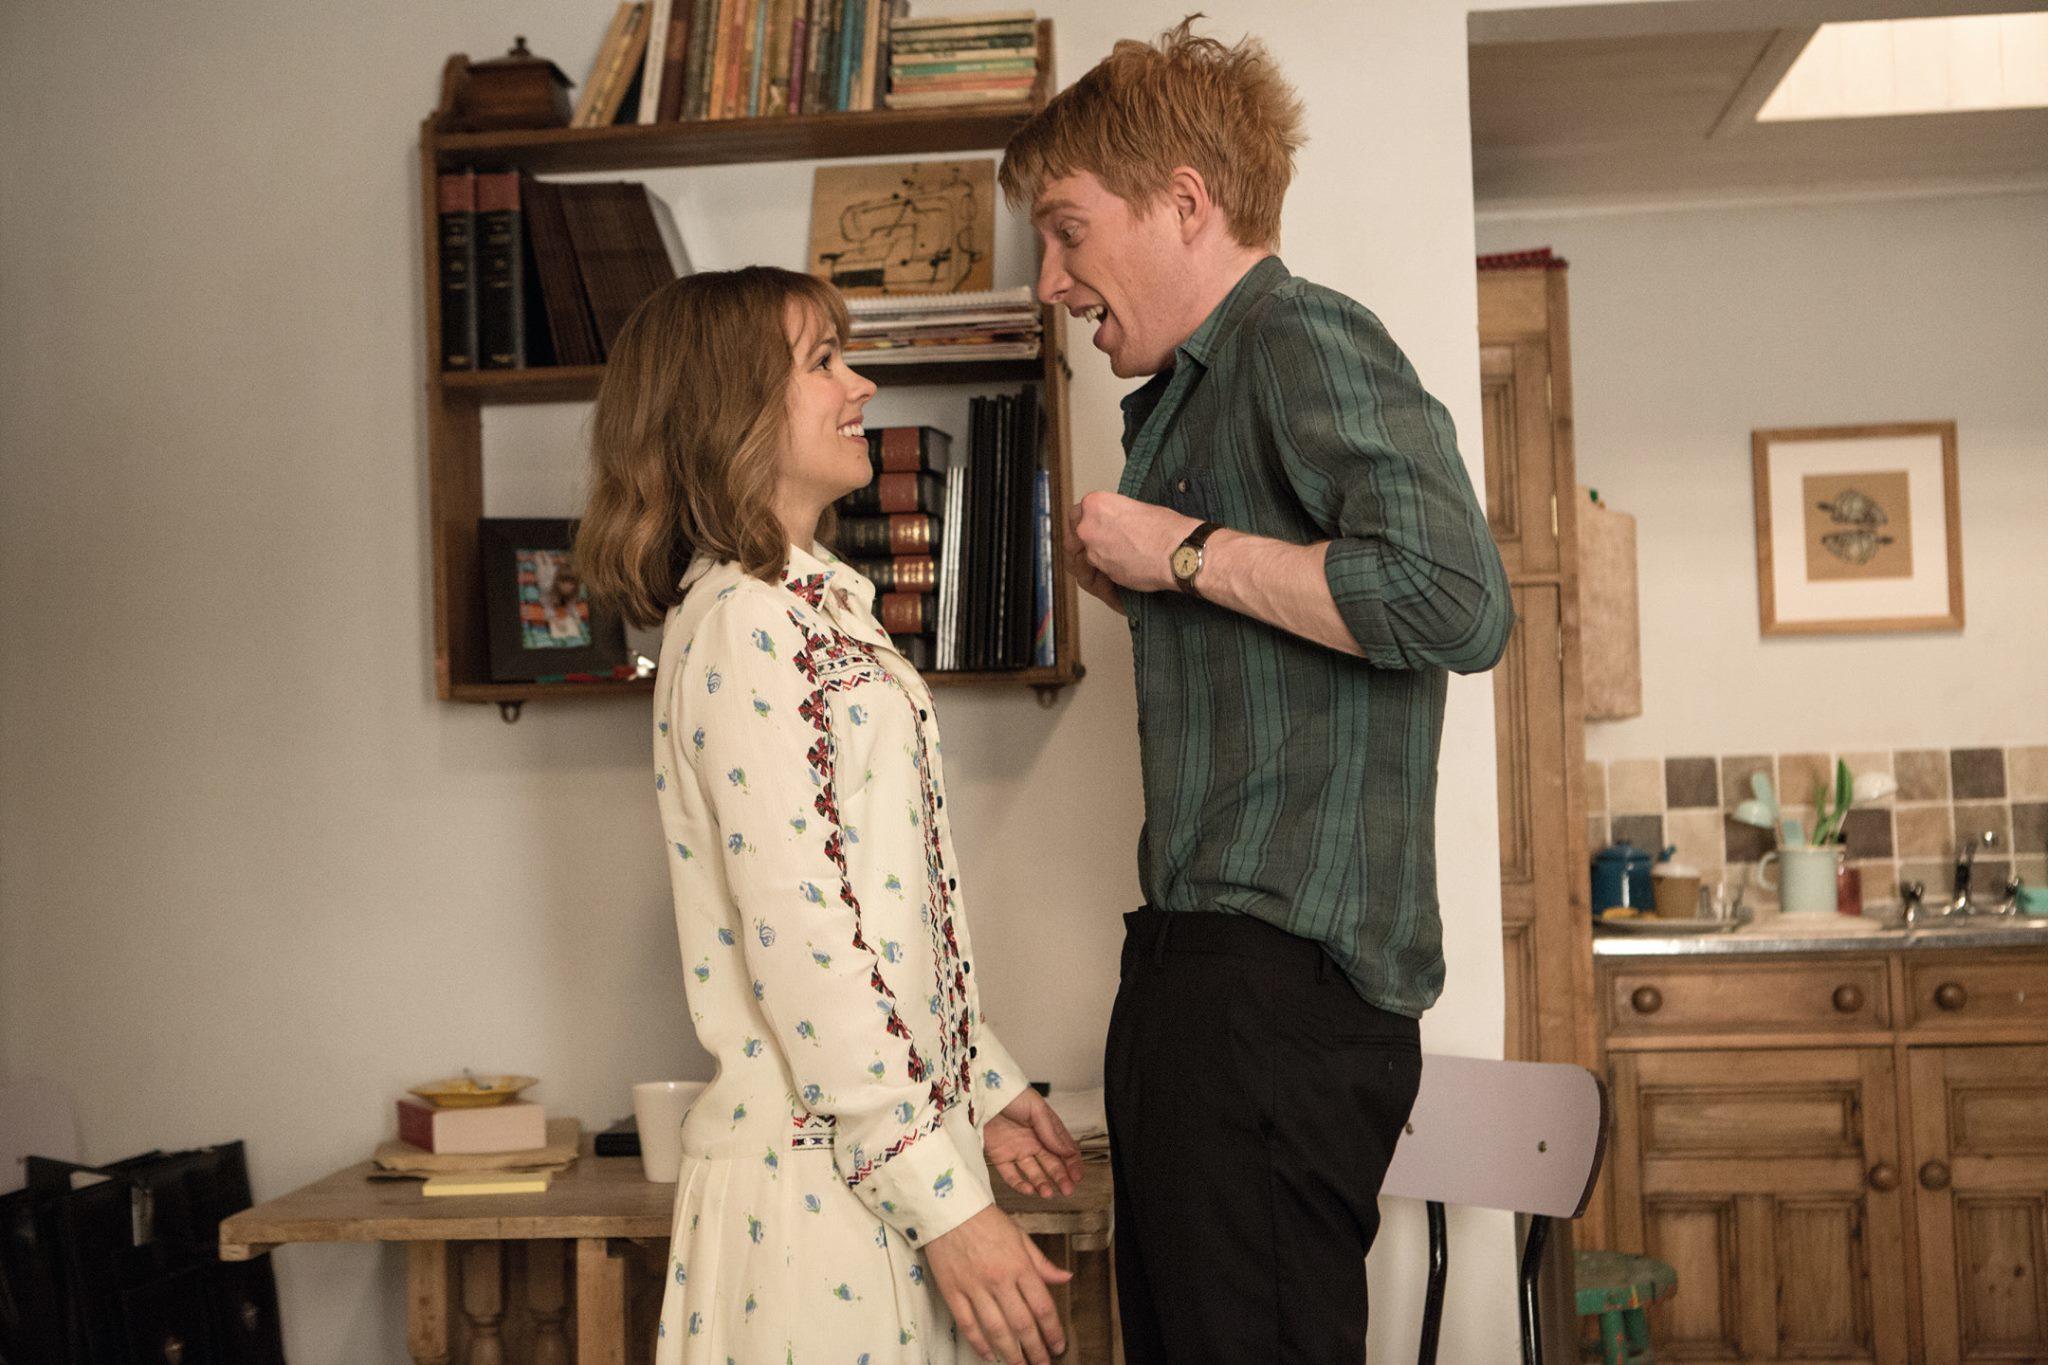 バレンタインに、誰とでも、一人でも、この素晴らしい映画を見てほしい。『アバウト・タイム~愛おしい時間について~』